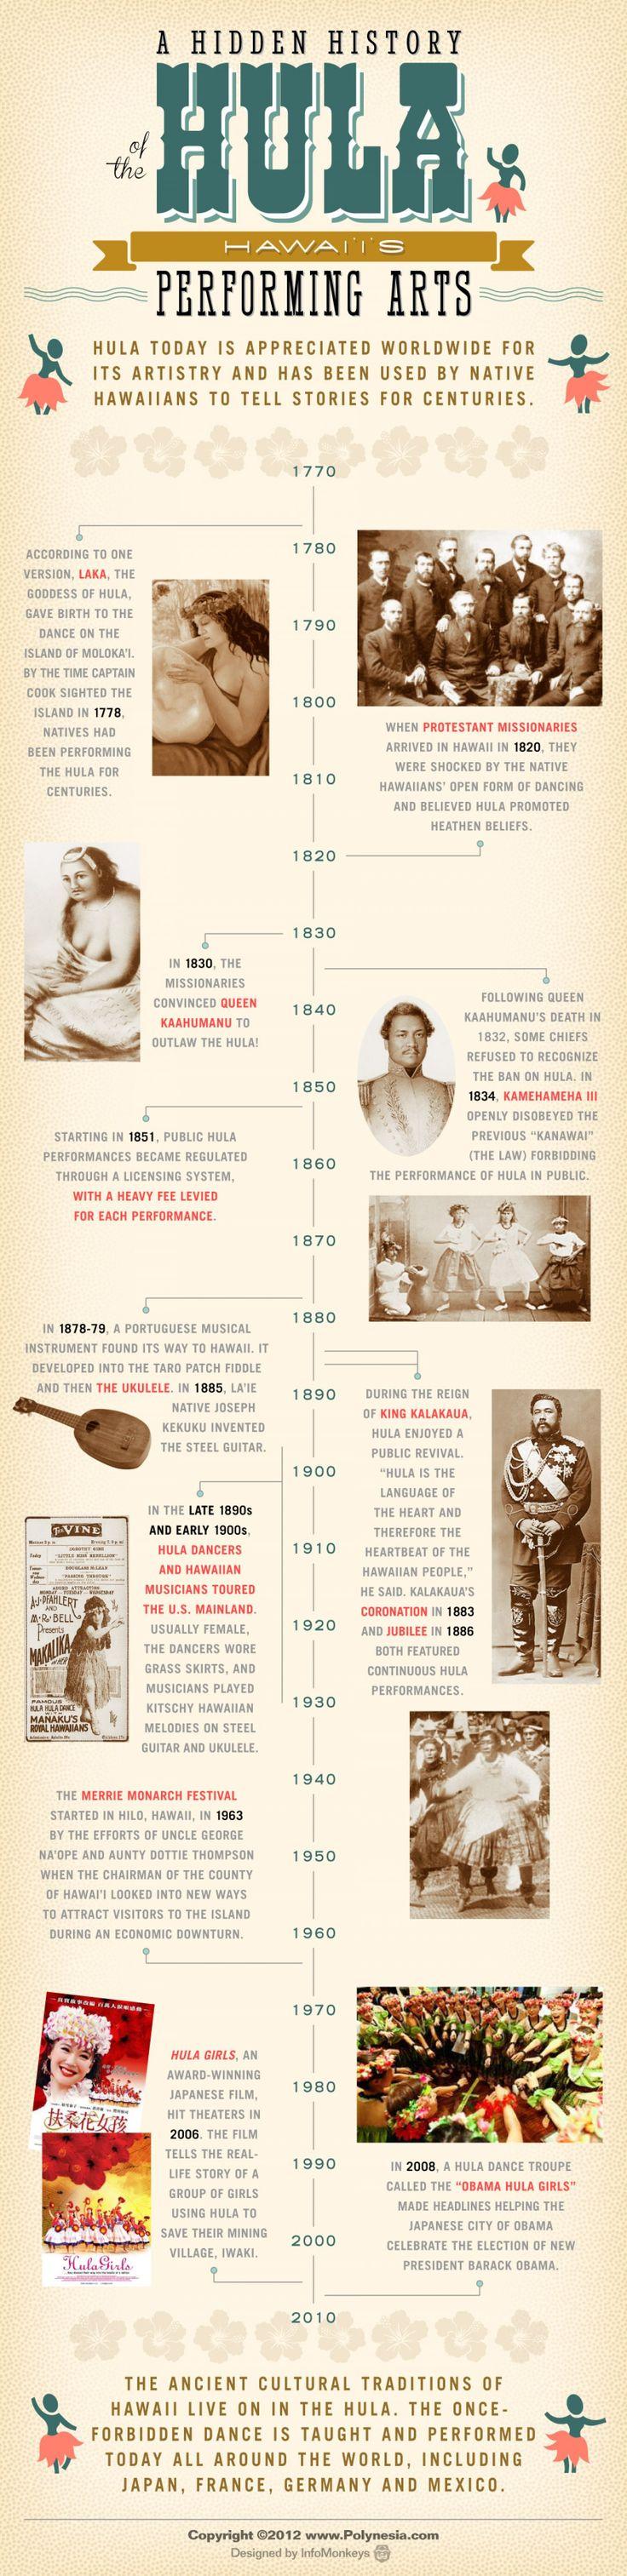 History of the Hula Infographic . Les anciennes traditions culturelles d'Hawaï vivent dans la danse polynésienne. La danse est enseignée et réalisée aujourd'hui dans le monde entier,